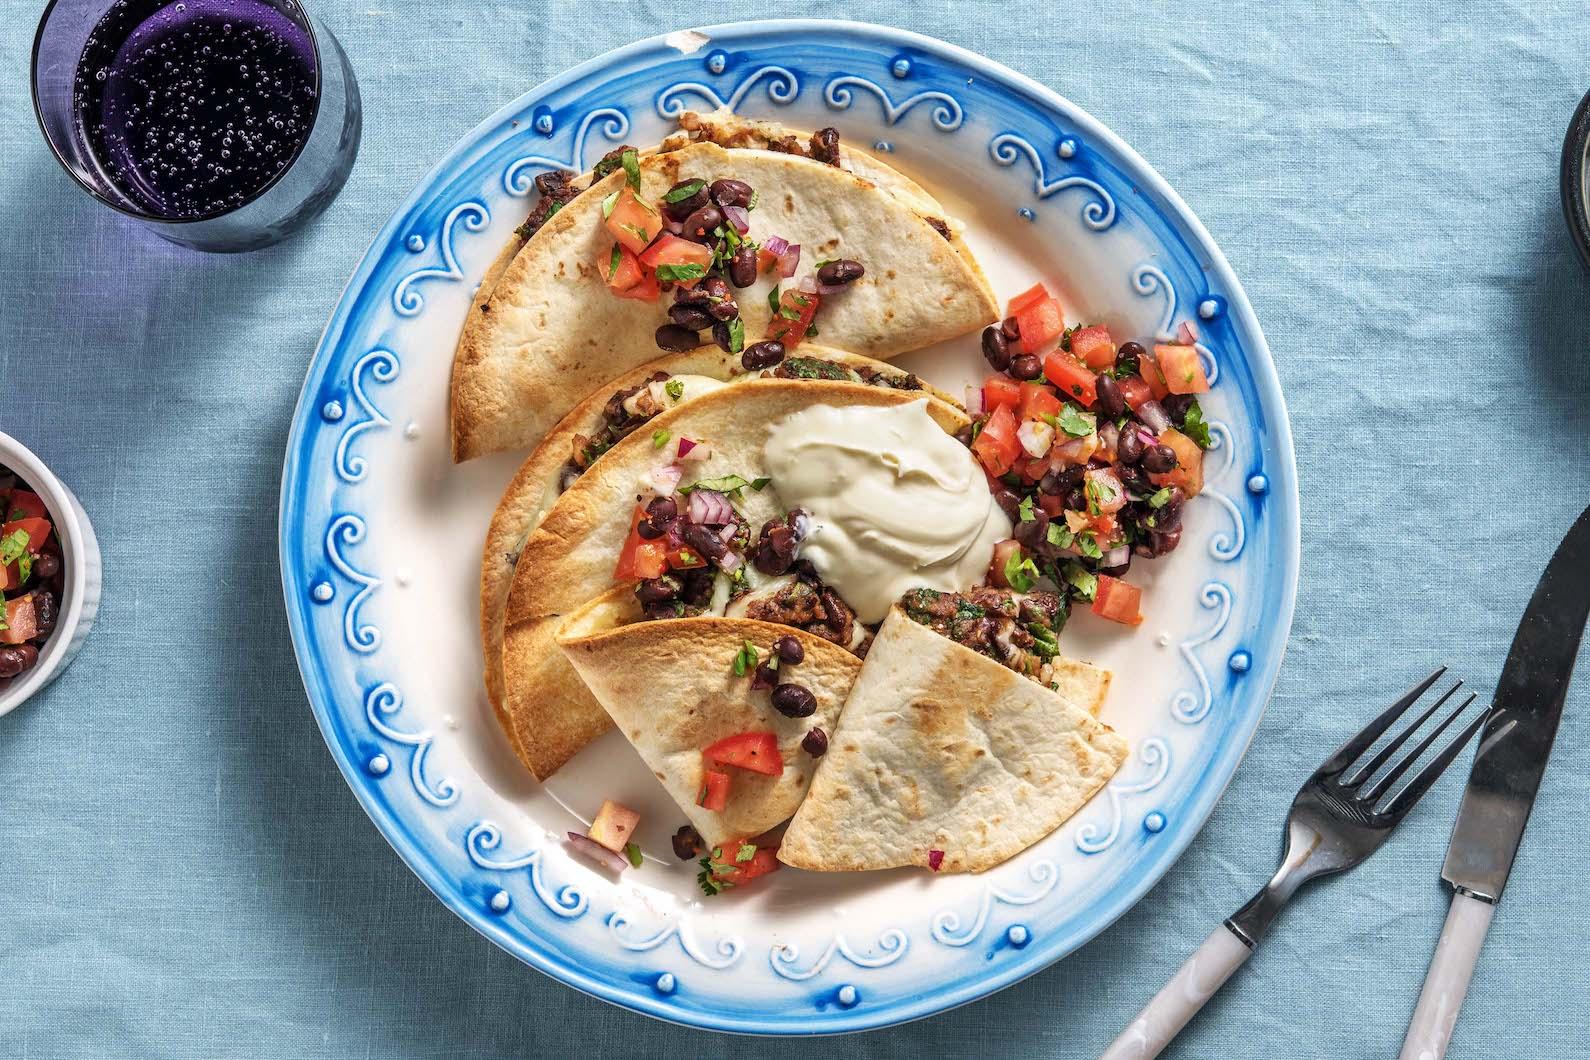 Smoky Bean and Cheese Quesadillas with black bean pico de gallo,